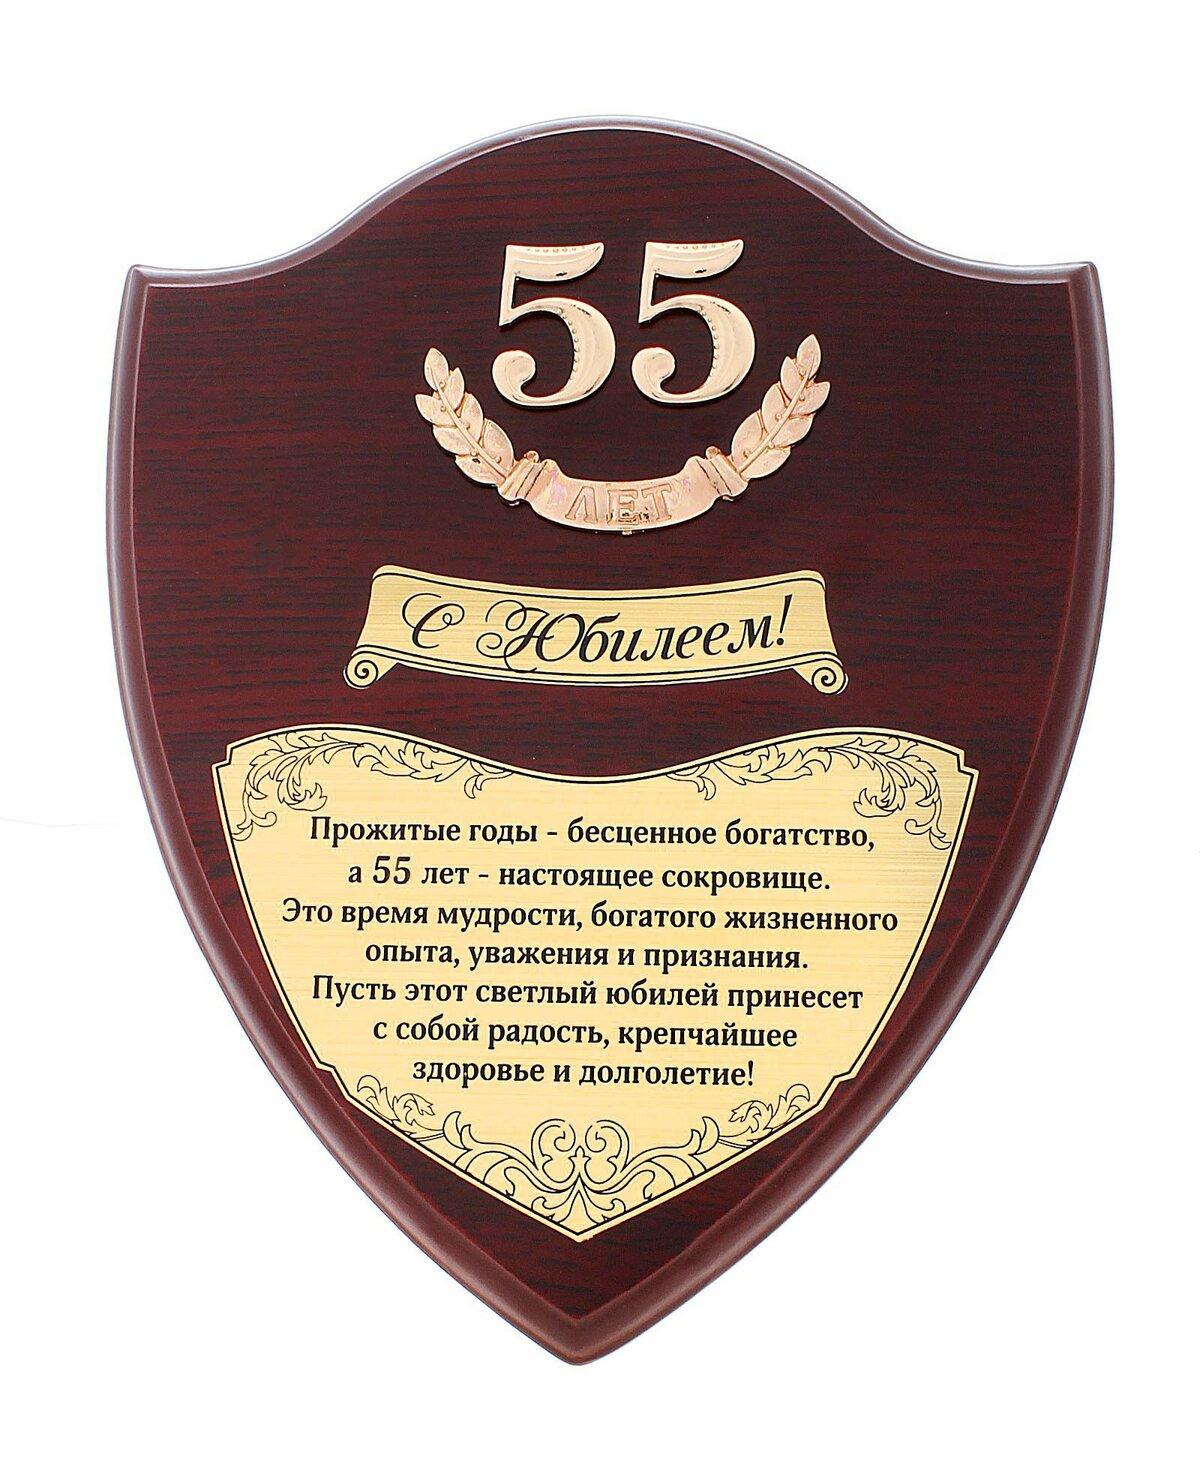 поздравление с днем рождения мужчине пятьдесят лет